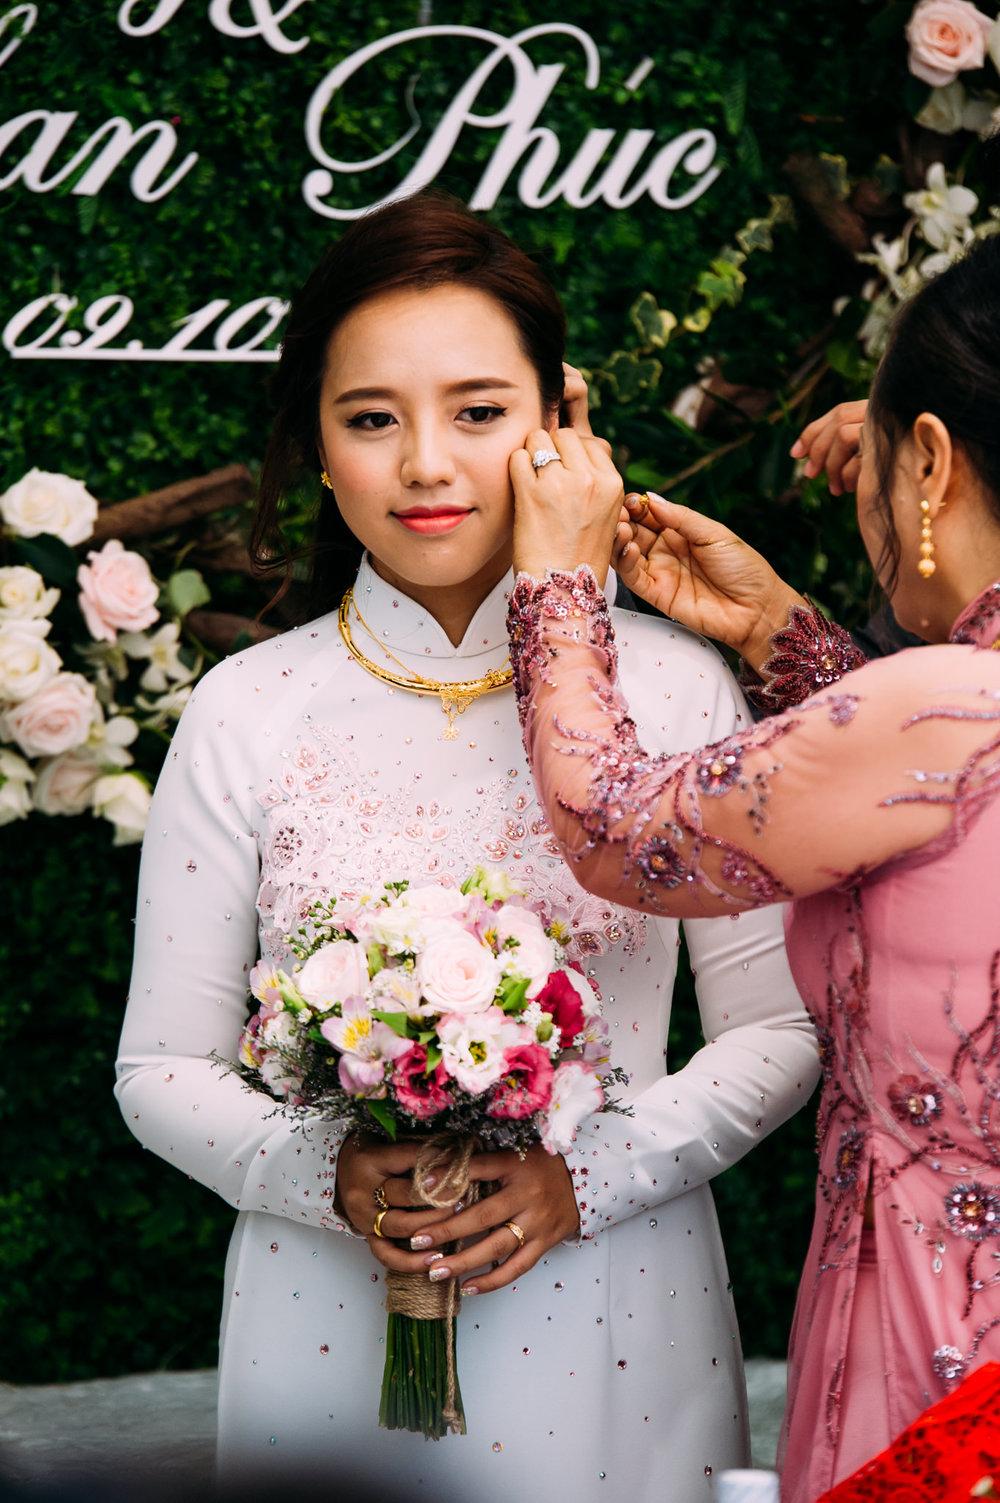 Phuc-Lan| cremony P3-48.jpg